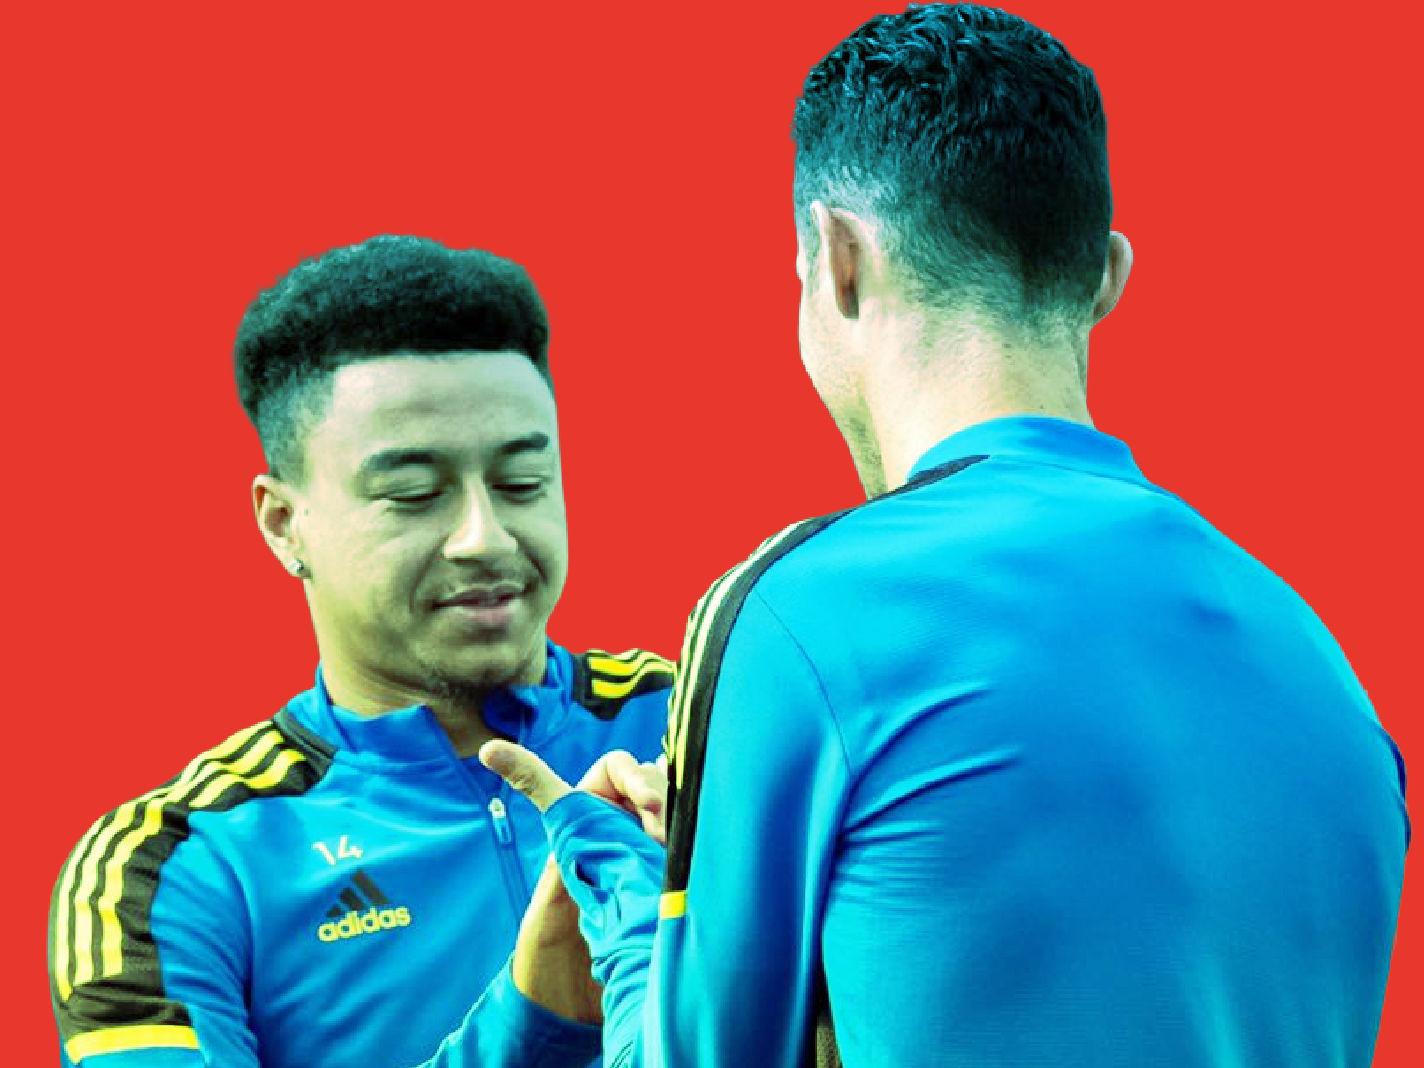 Jesse Lingard shows Cristiano Ronaldo how to do his own celebration